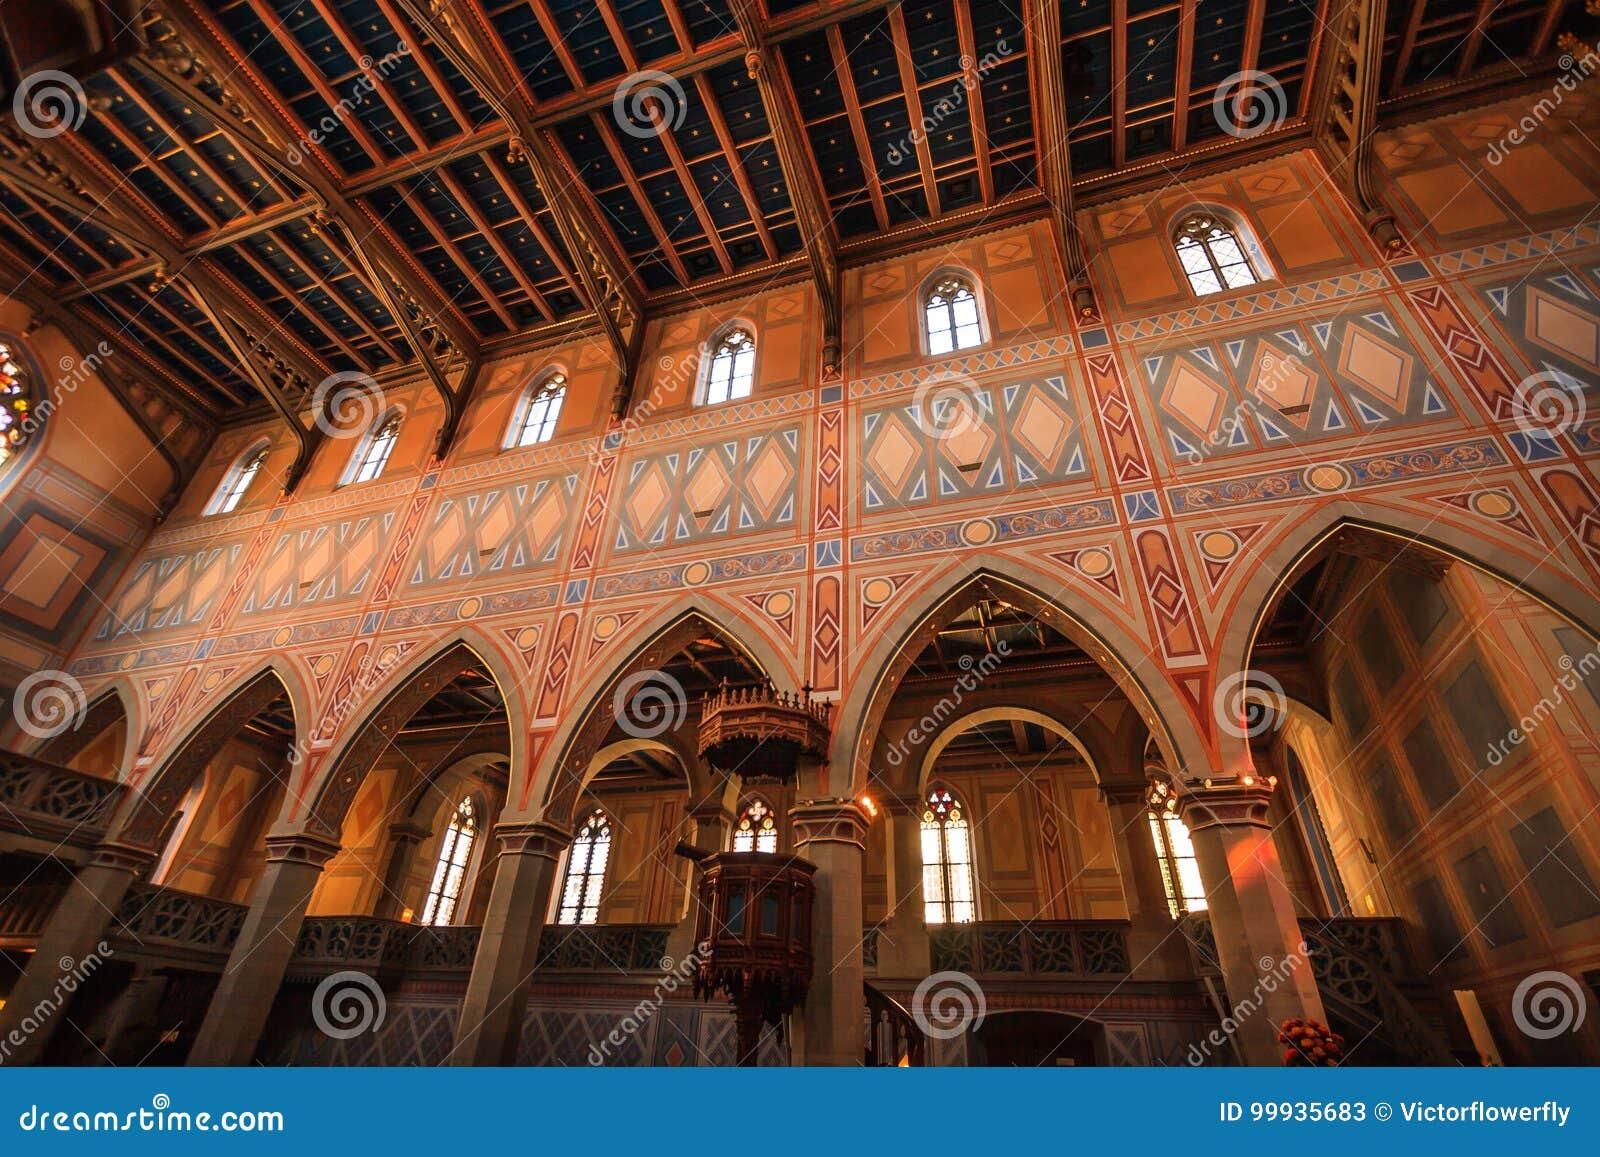 Εσωτερικό της προτεσταντικής νεογοτθικής εκκλησίας του ST Laurence ή του ST Laurenzen Kirche, ST Gallen, Ελβετία